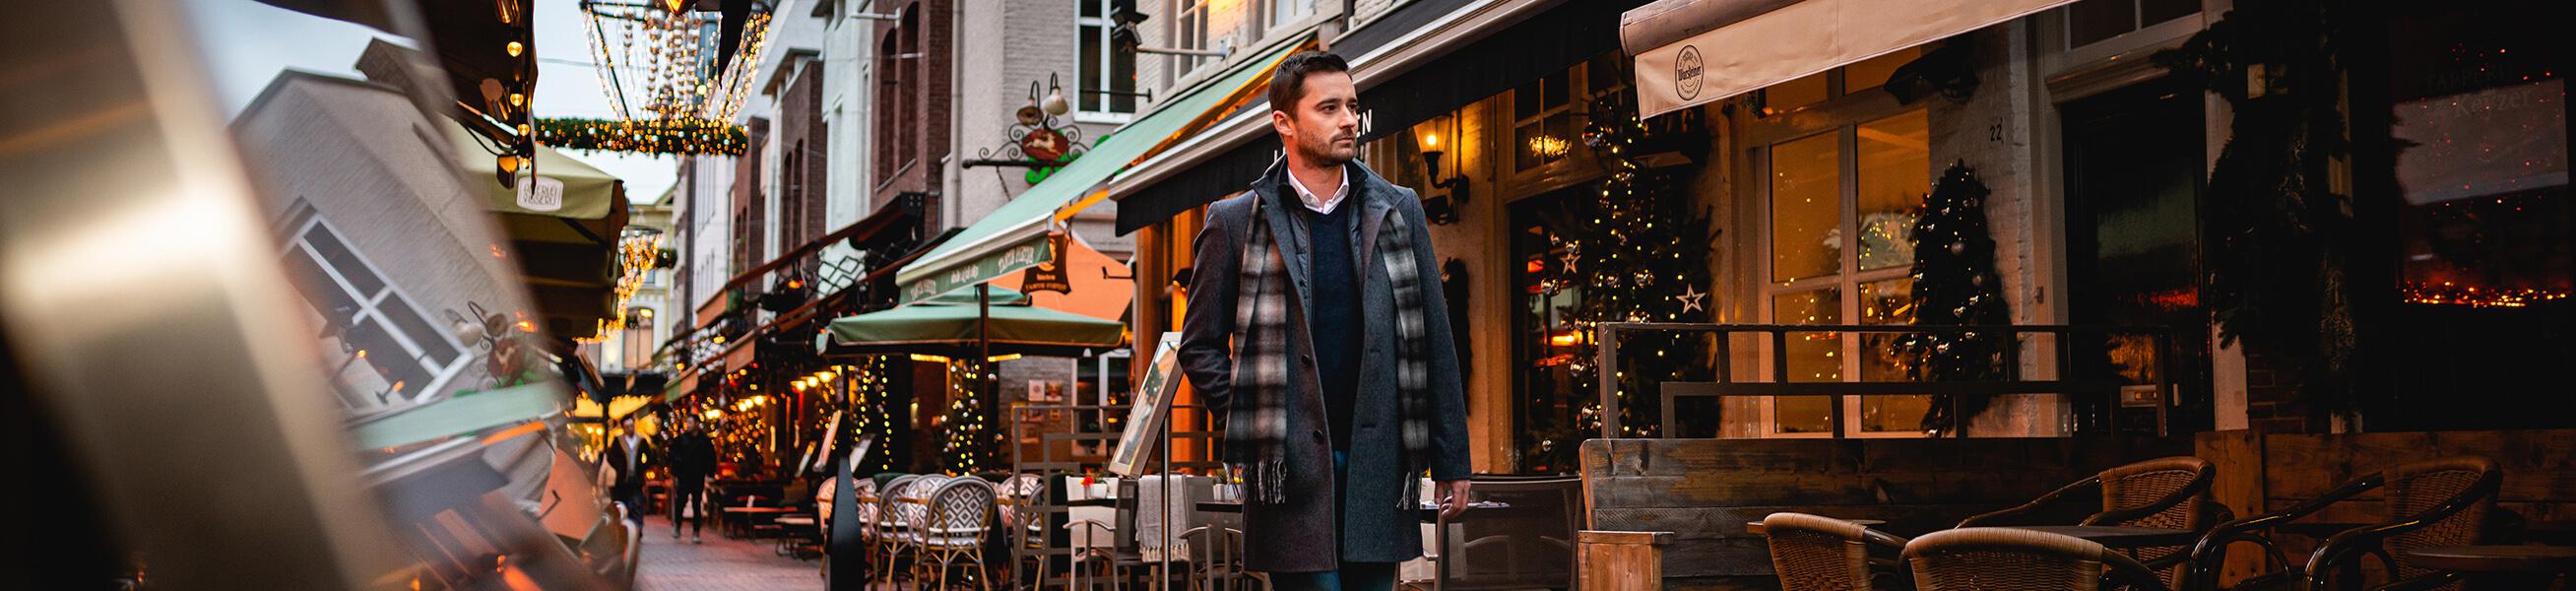 Trendy winterjassen & trenchcoats voor mannen ✅ Altijd gratis verzending & retour in 16 winkels ✅ Keuze uit 20+ Merken© zoals Napapijri, Tenson, Barbour en meer